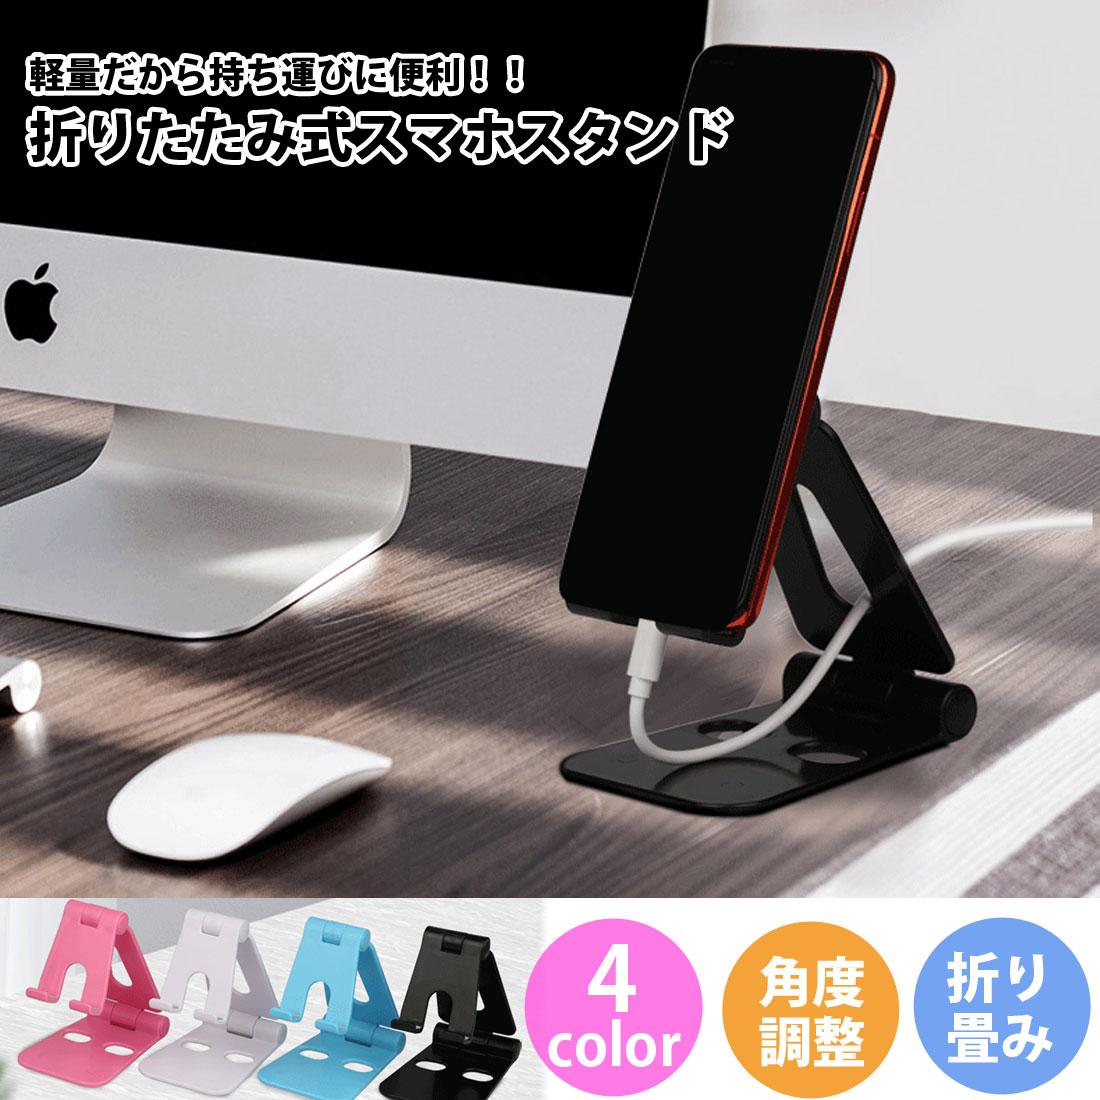 iPhone Android ipad スタンド スマホホルダー 送料無料 スマホスタンド 卓上 軽量 宅送 本物◆ コンパクト LSF-041 折りたたみ 角度調整可能